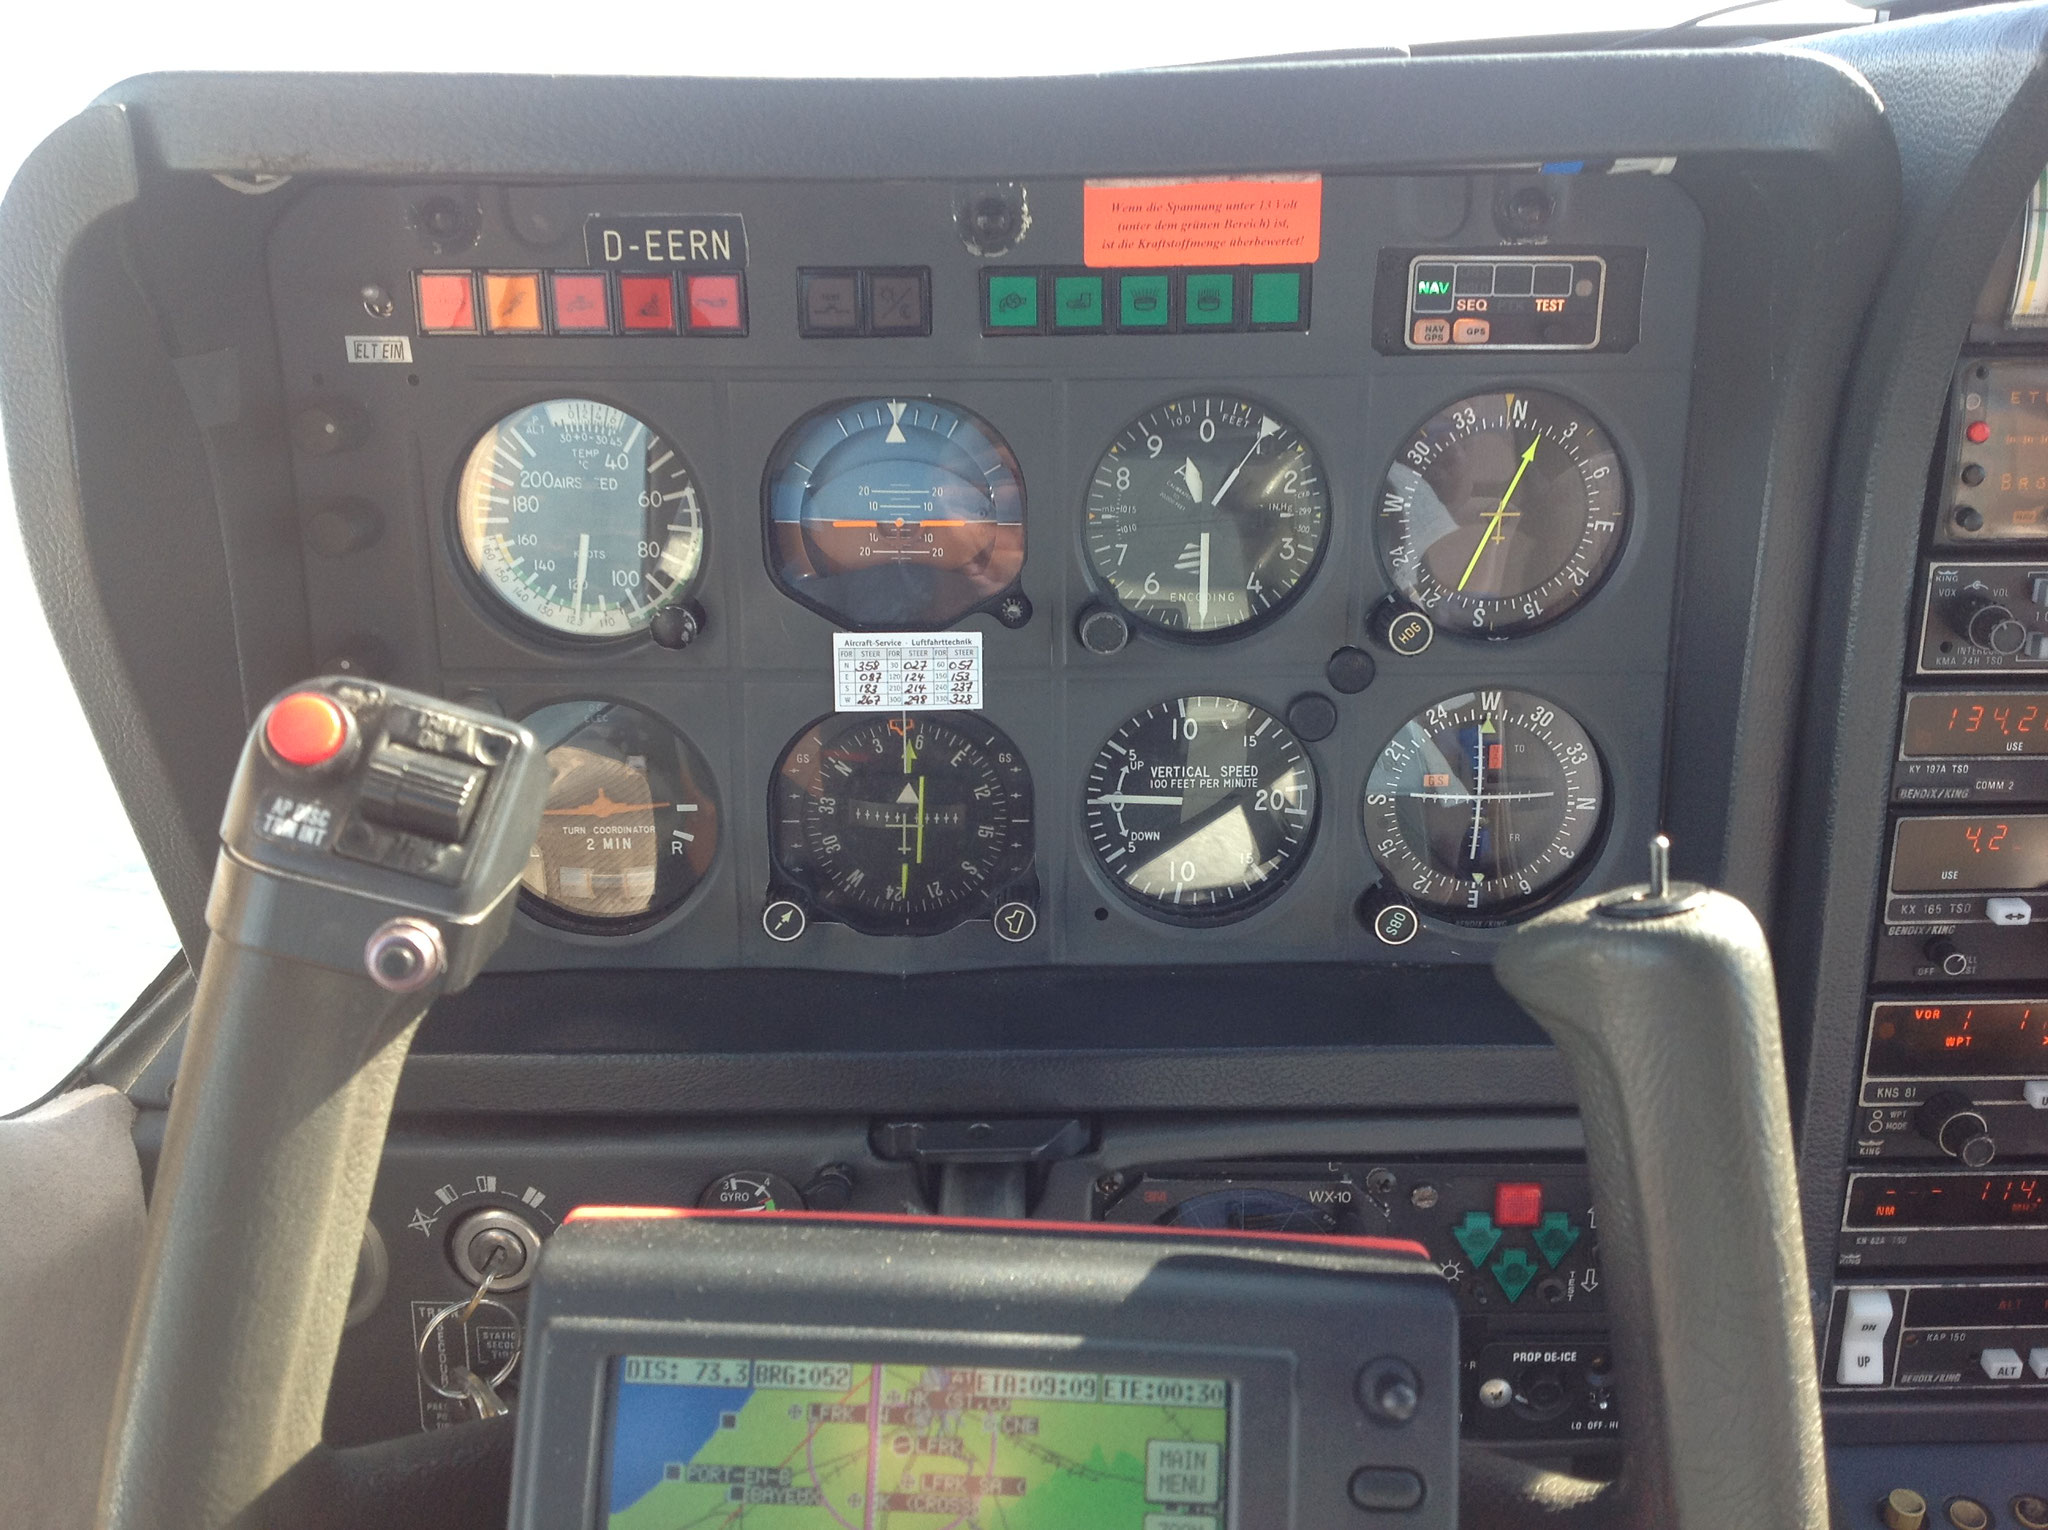 Je prend de l'altitude (9500 pieds) avant de rentrer à la maison